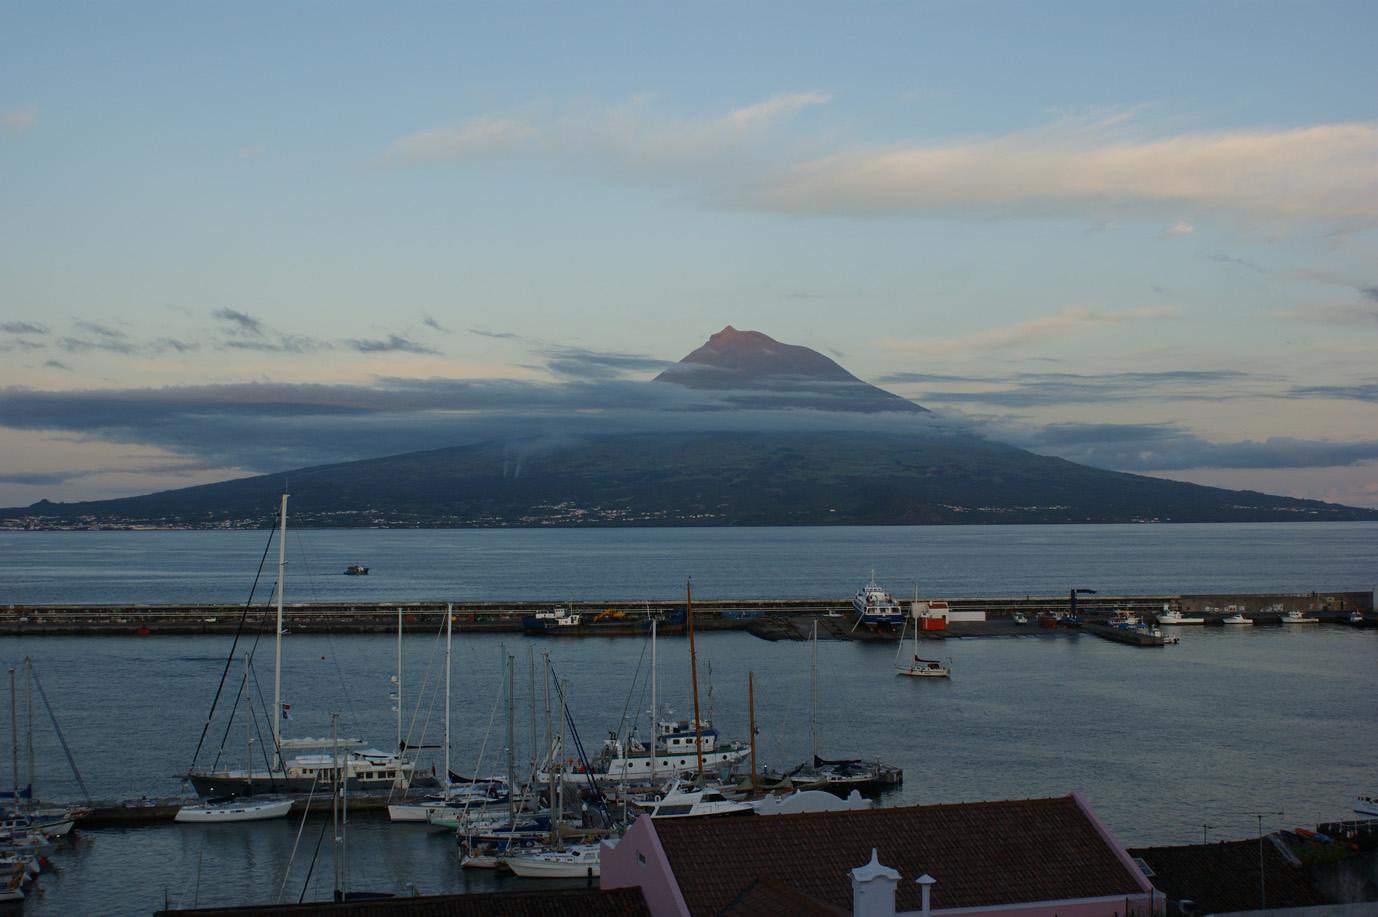 nochmals der Pico Berg beim Sonnenuntergang